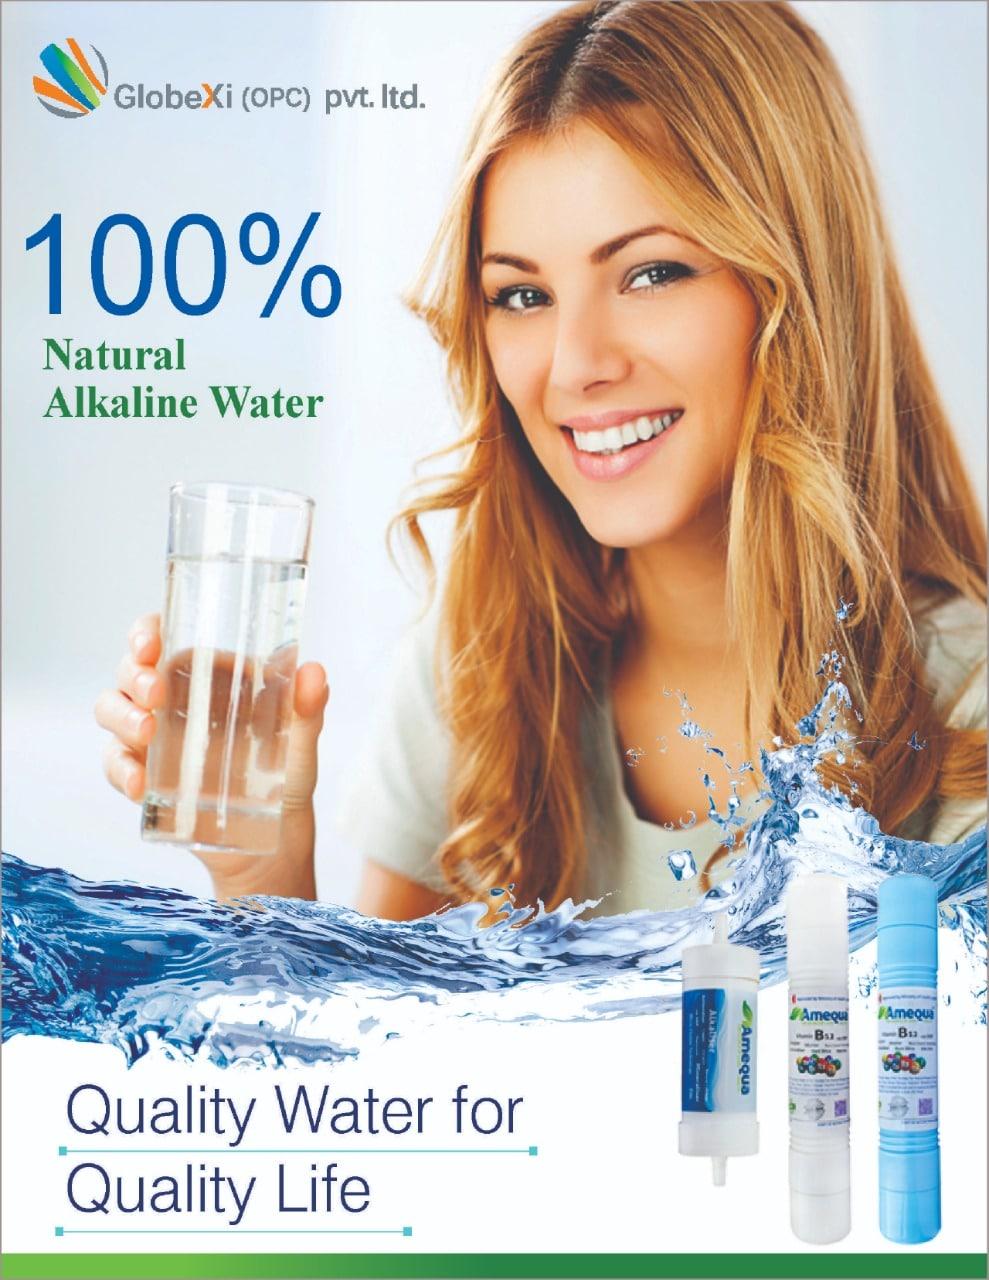 Brochure Designing company in Noida